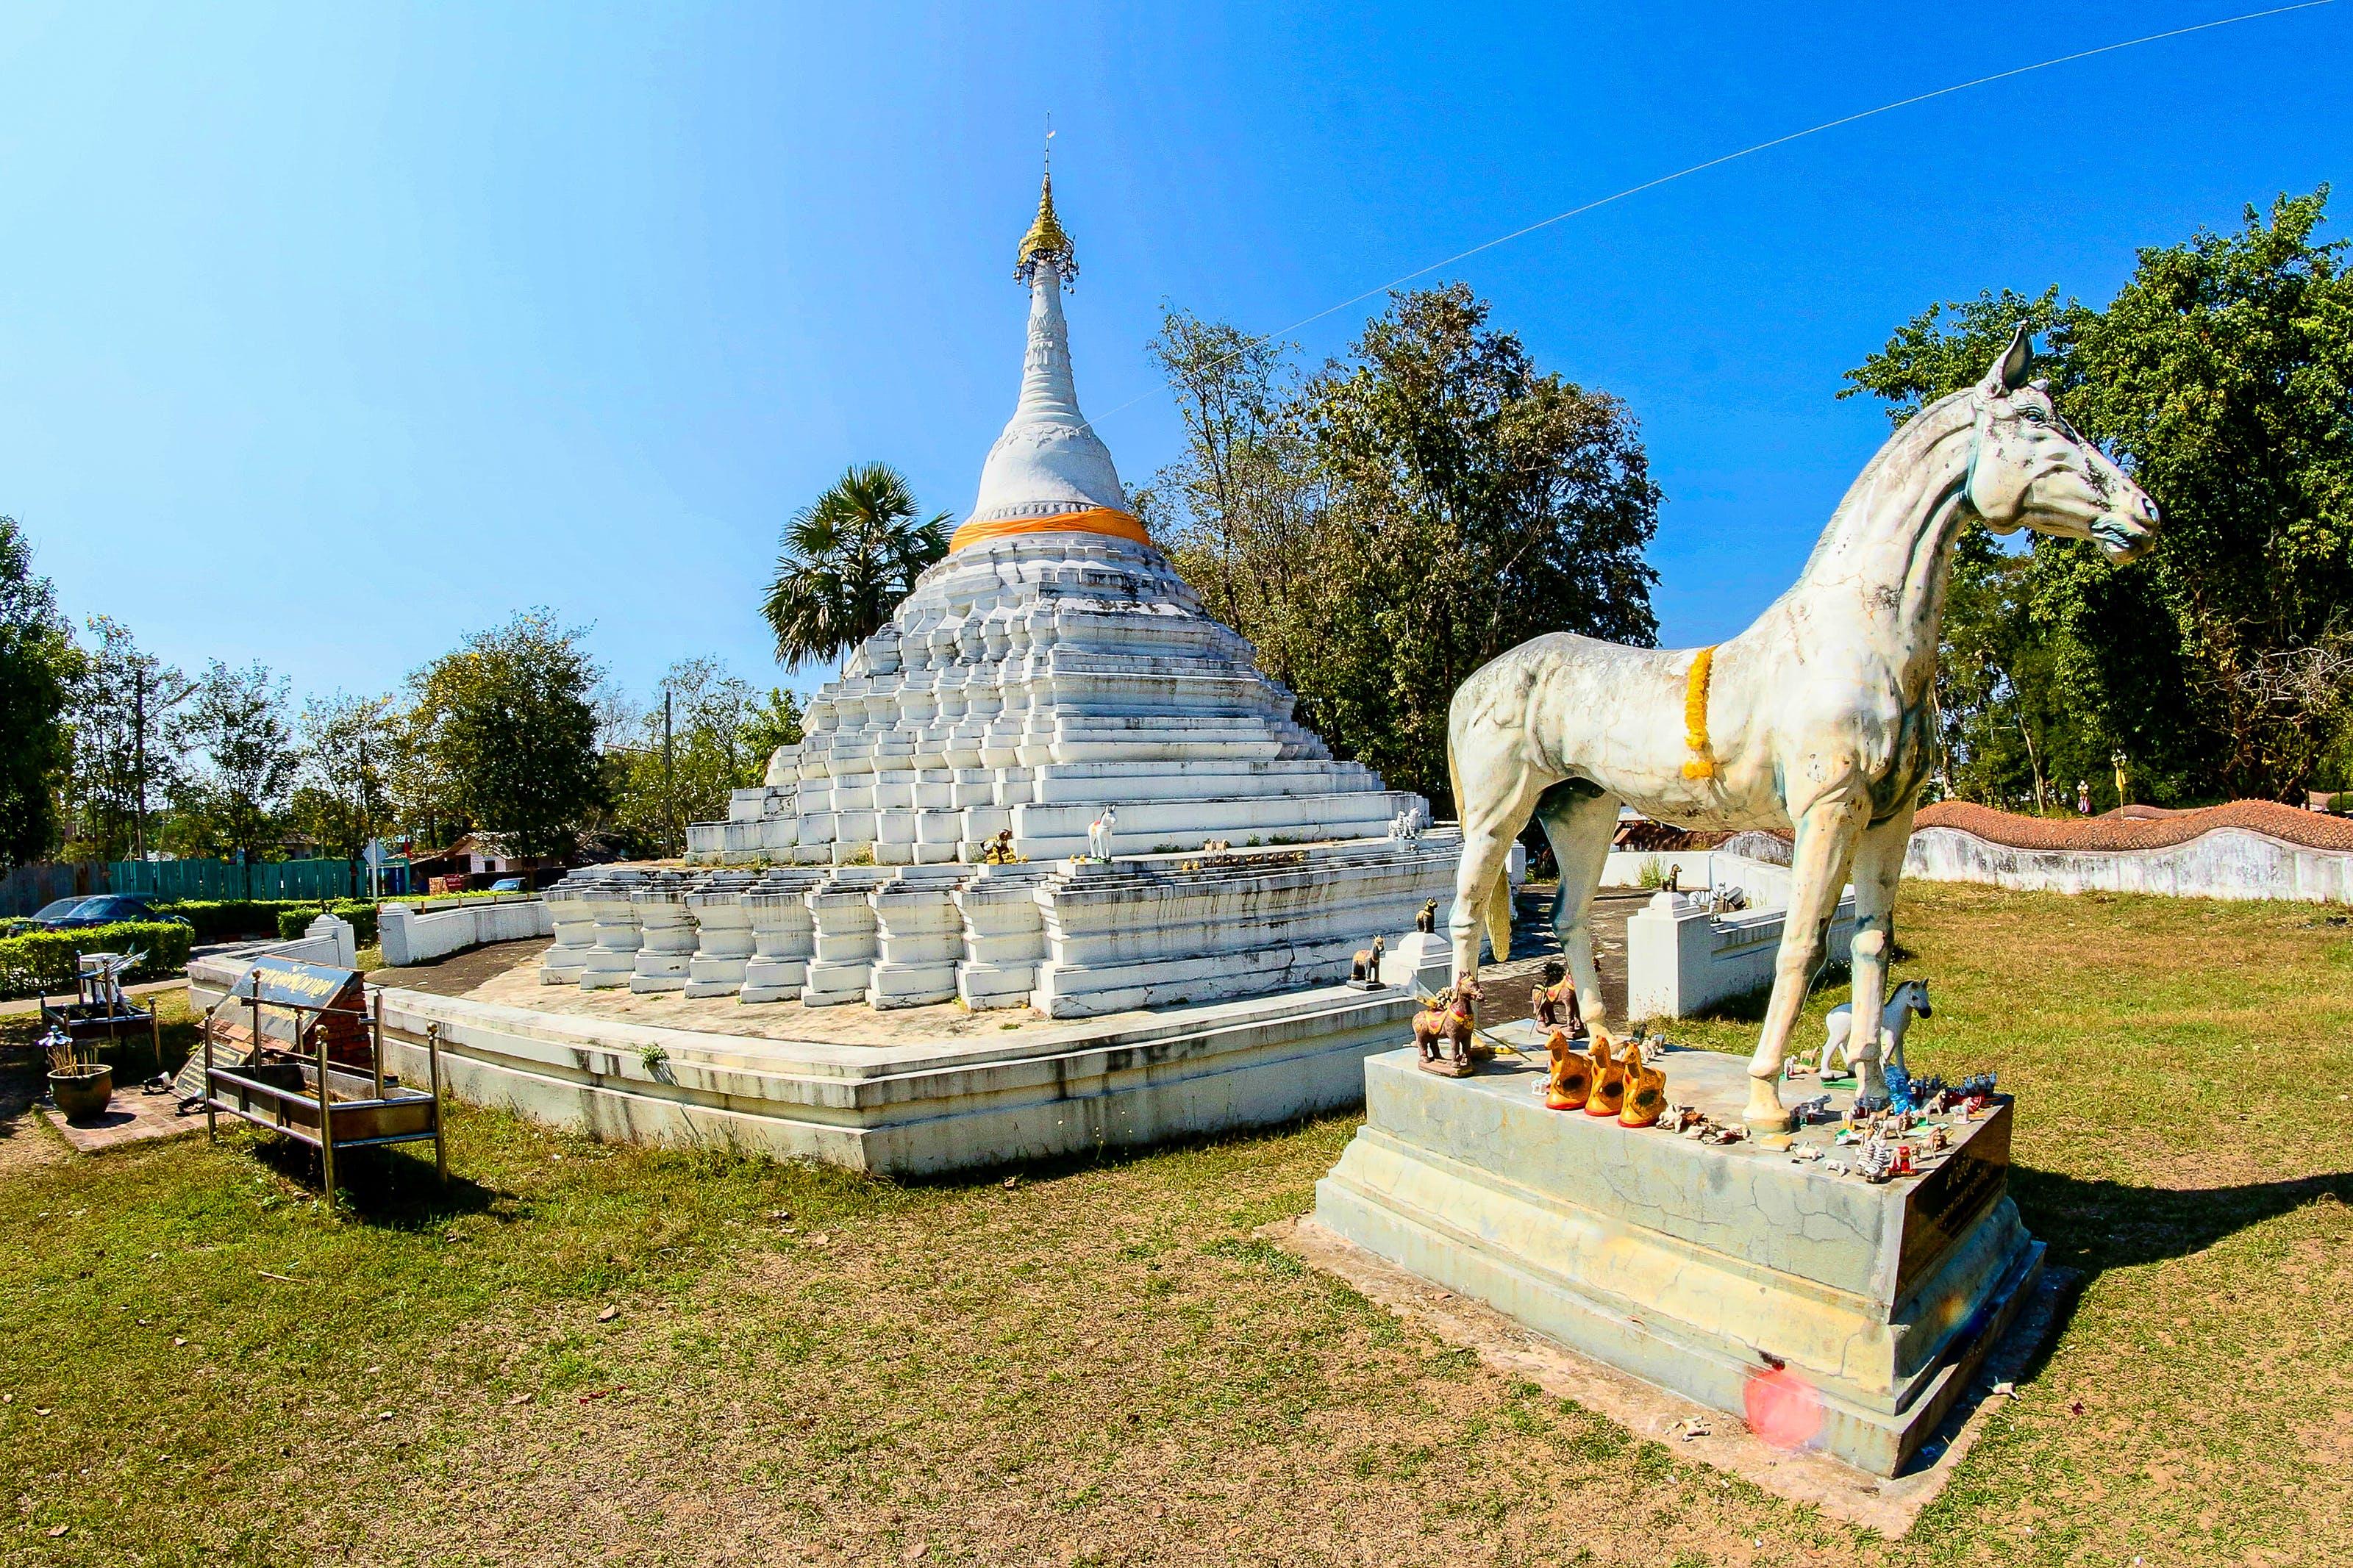 Δωρεάν στοκ φωτογραφιών με background, άγαλμα, άλογο, γλυπτική